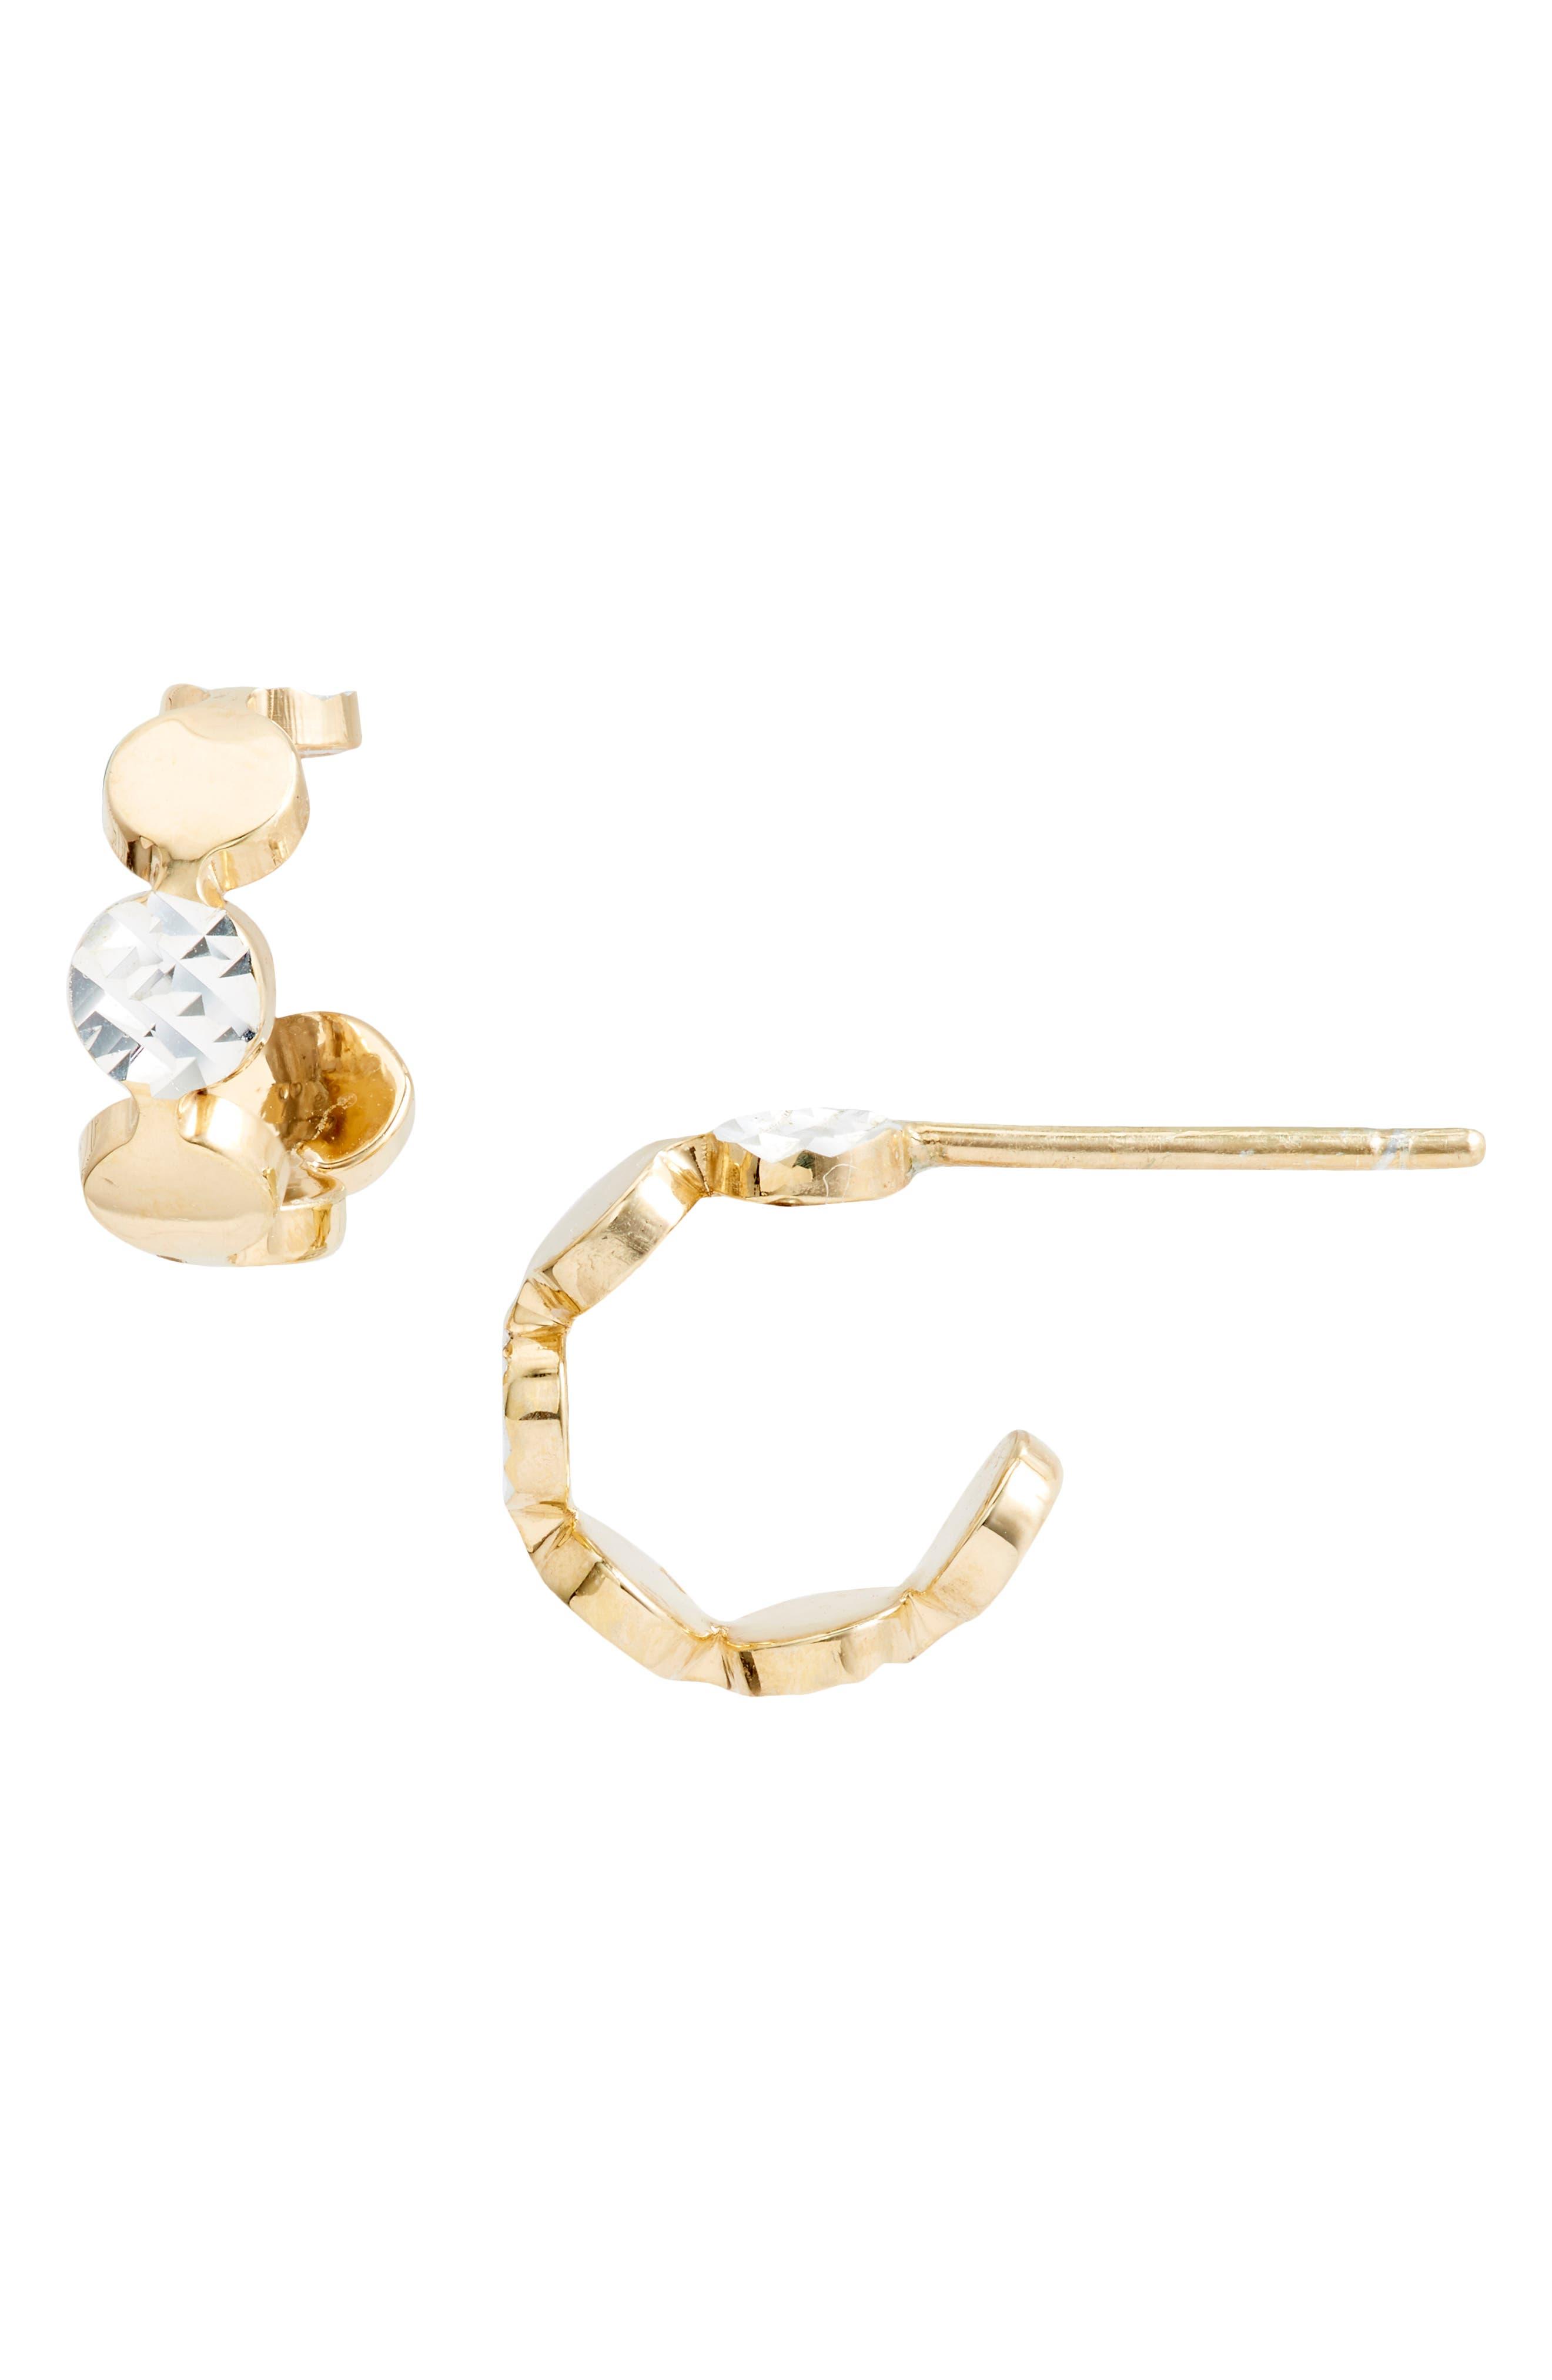 Bea Two-Tone Huggie Hoop Earrings